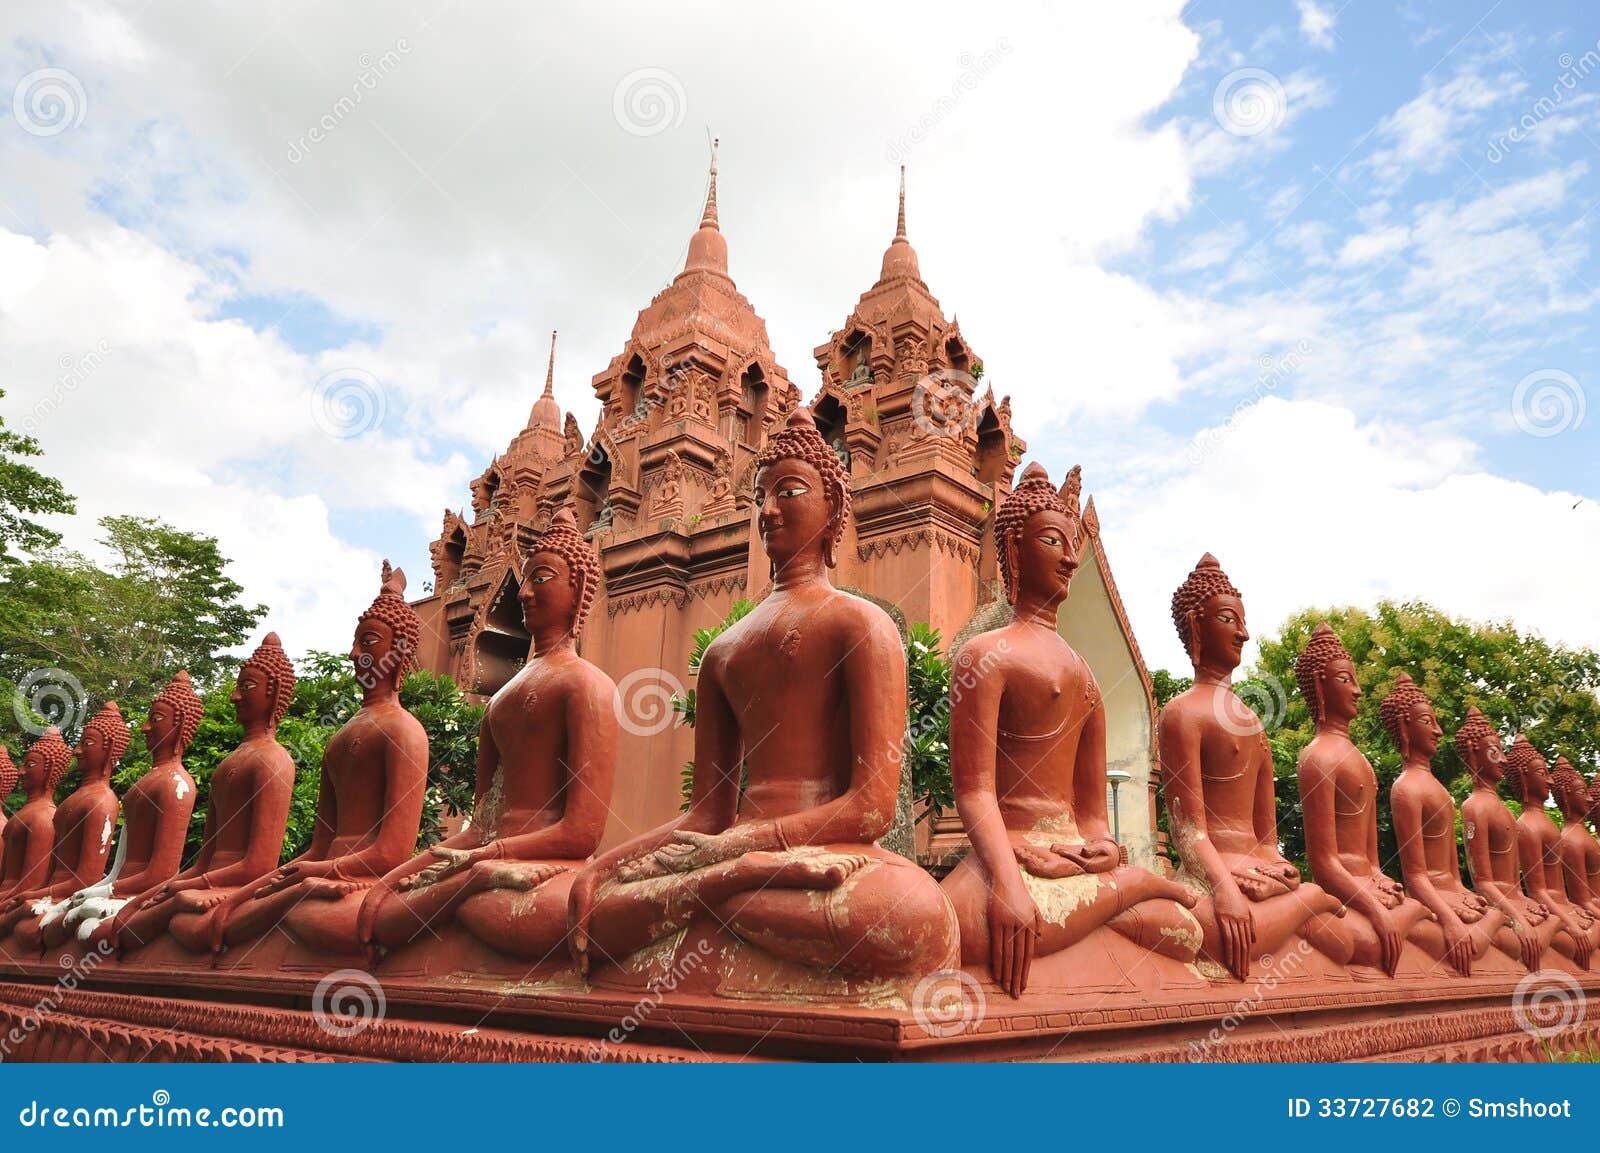 Висок Khao Angkhan (Wat Khao Angkhan), Таиланд